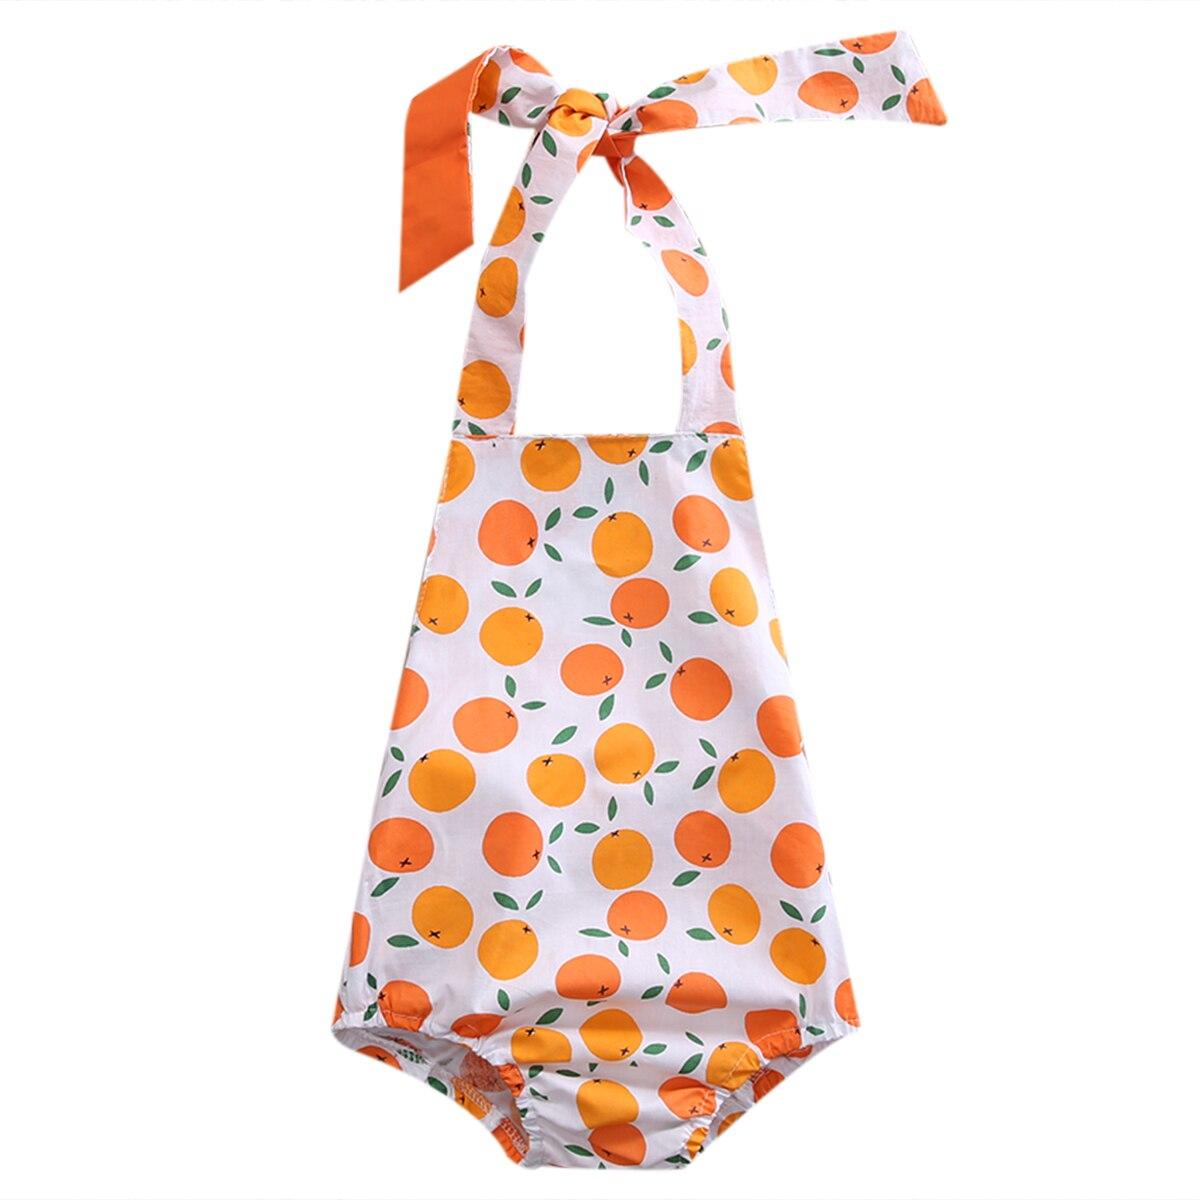 Новинка 2017 года Модная одежда для малышей для девочек оранжевый печатных рукавов хлопок ремень ползунки комбинезон, костюм наряды